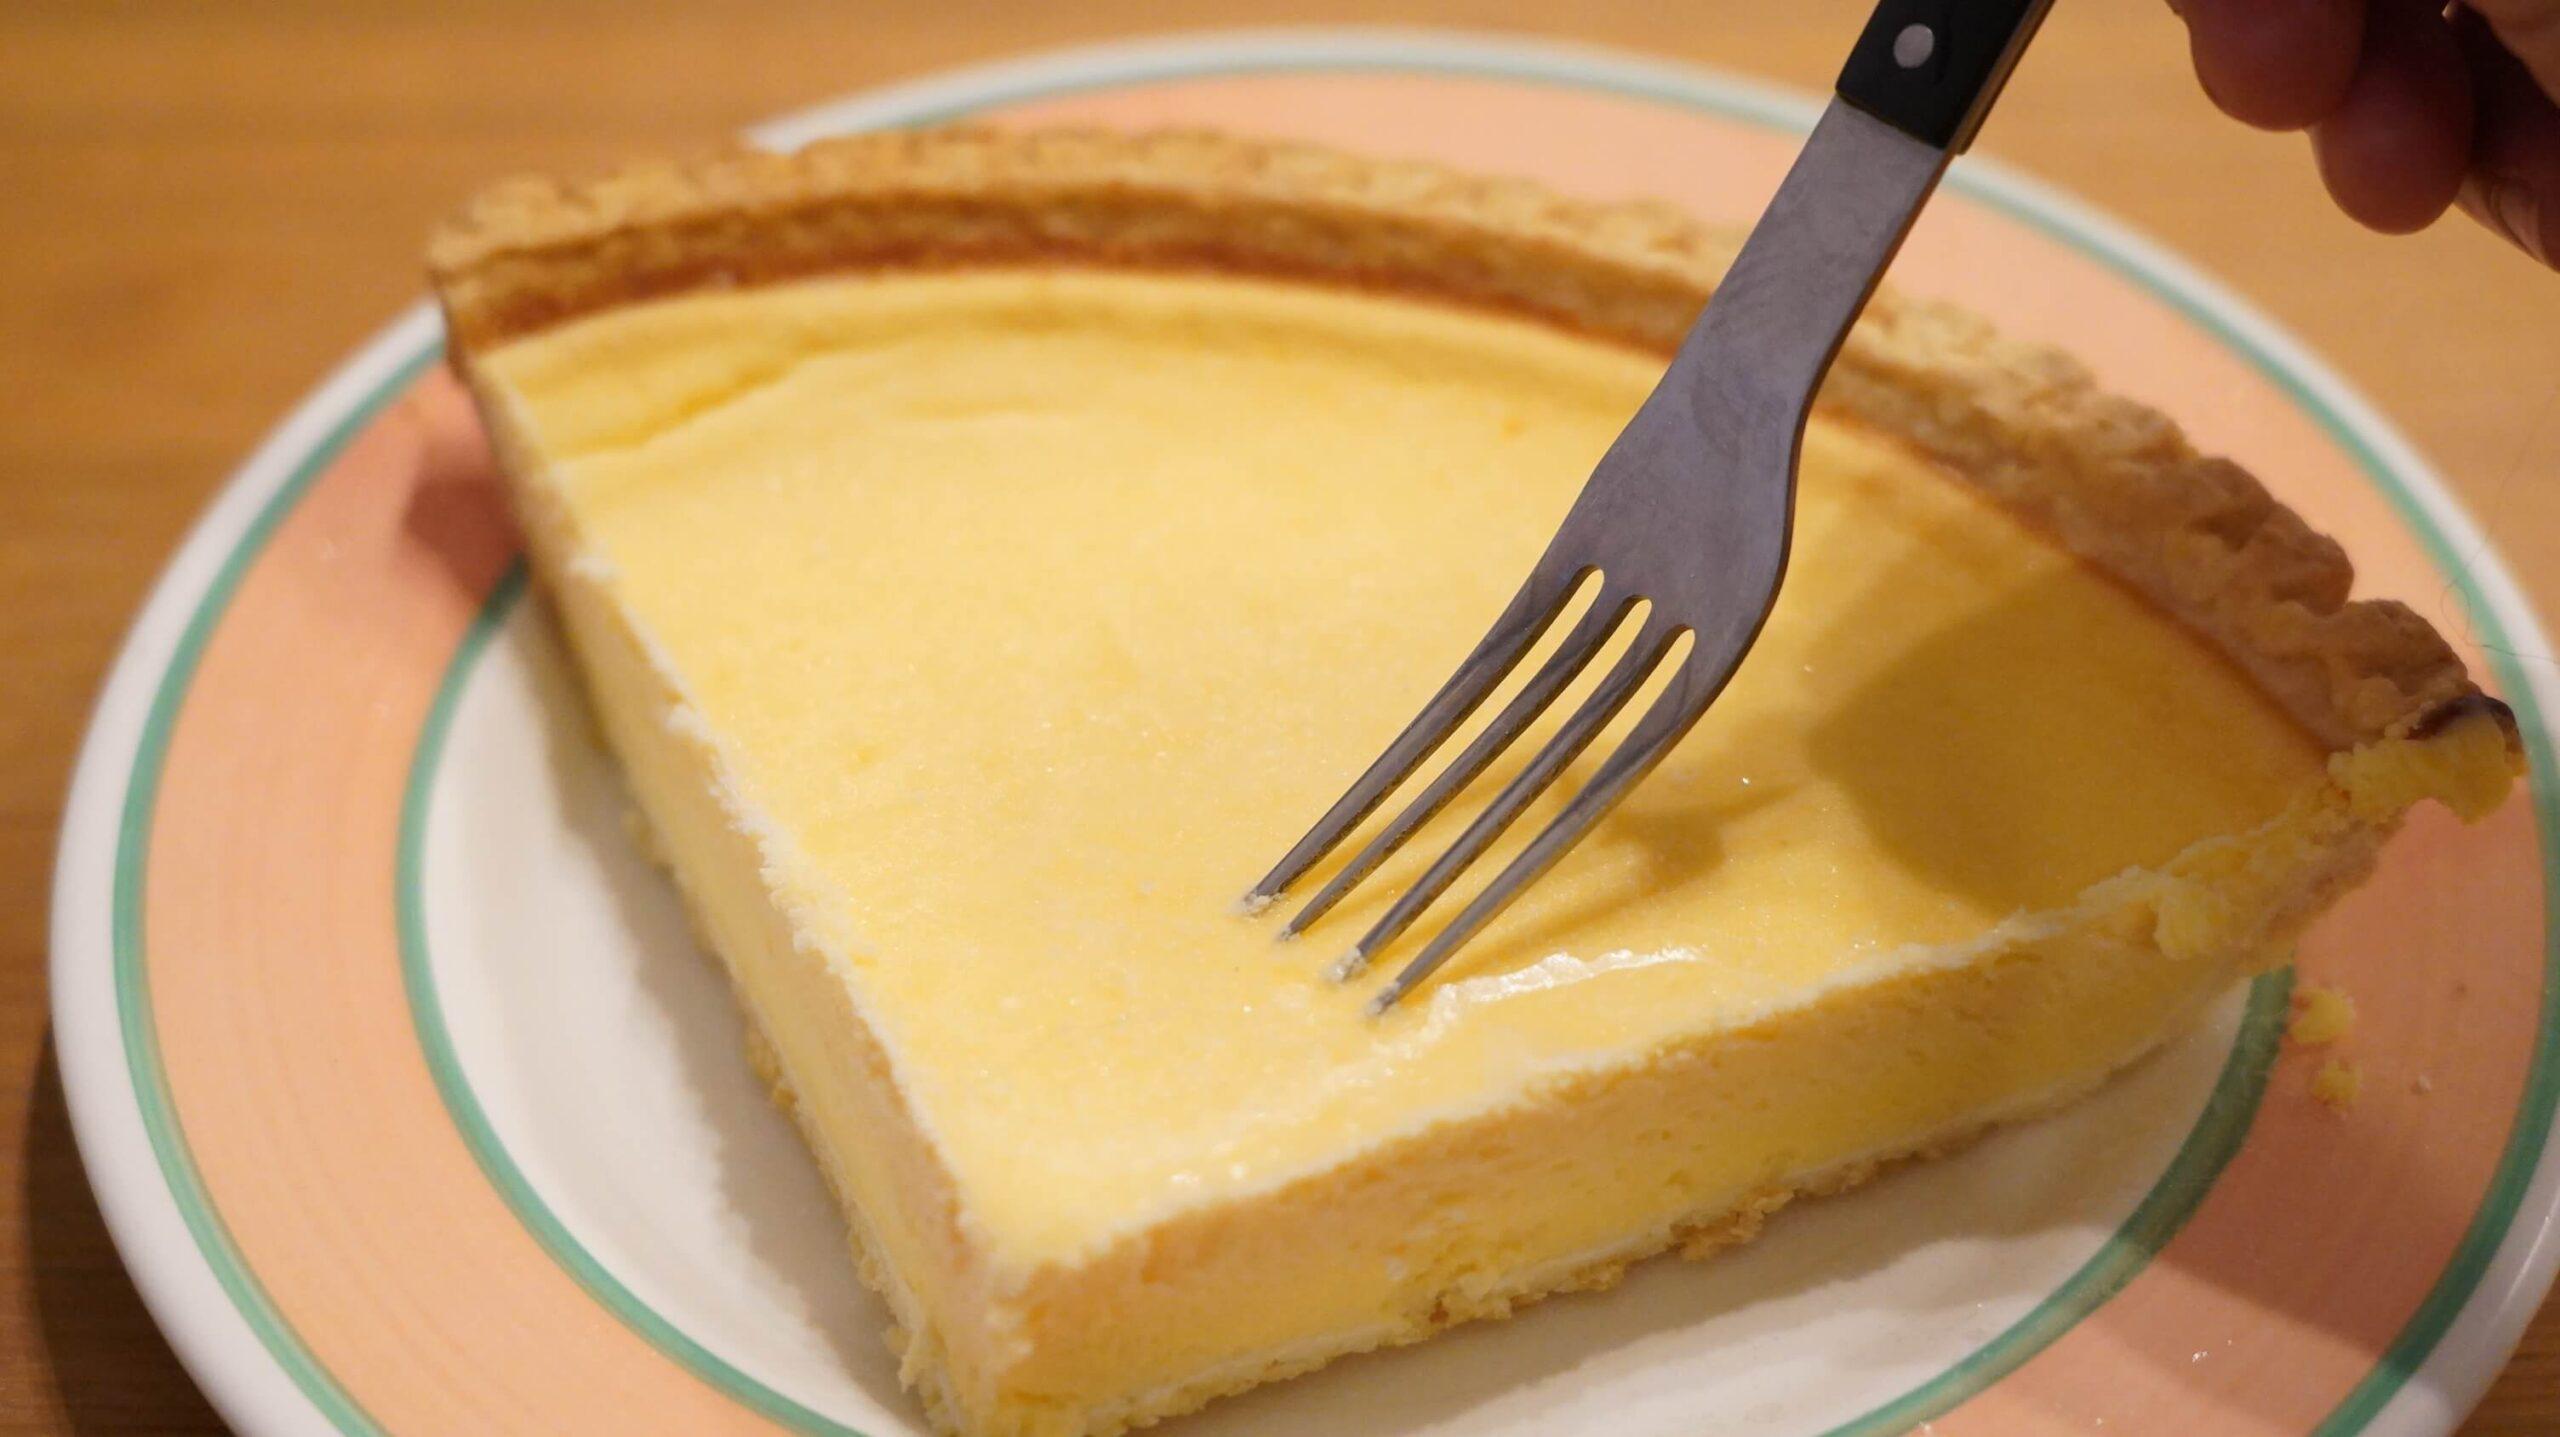 コストコのチーズケーキ「トリプルチーズタルト」がカチカチに硬くてフォークが刺せない様子の写真